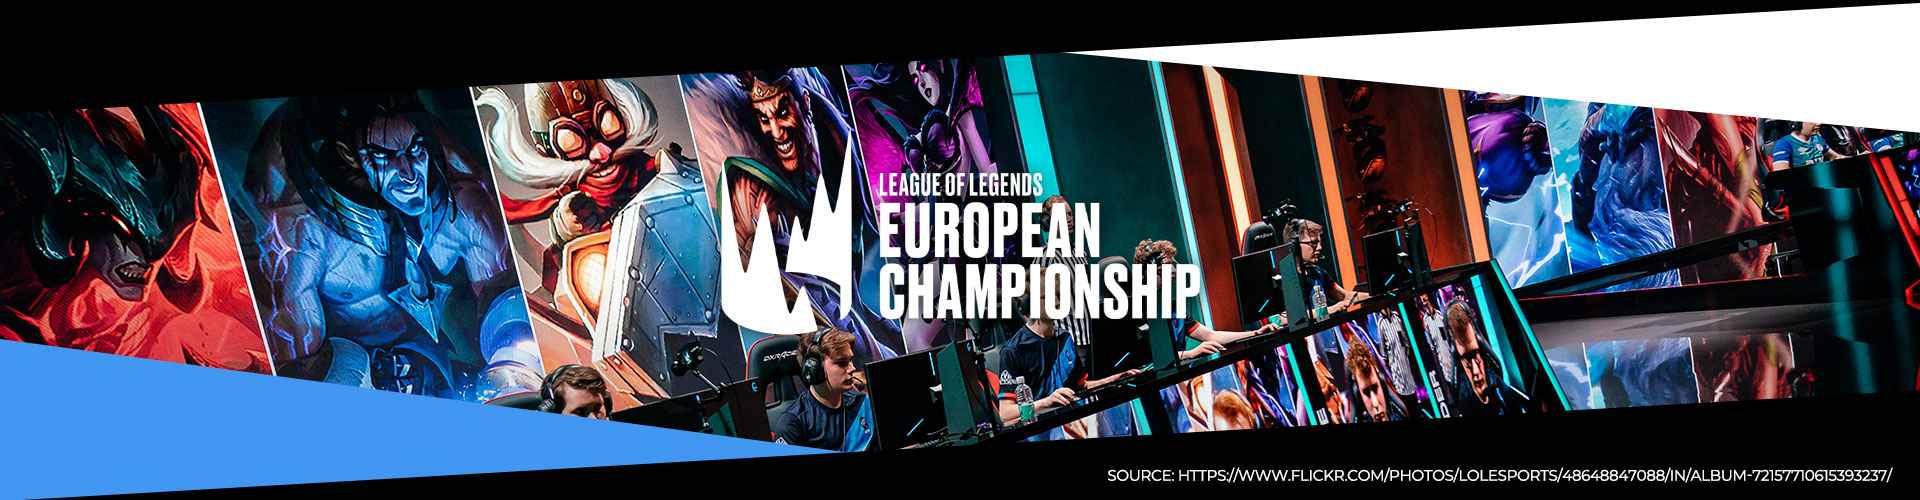 Eventsida för LEC Spring 2020 med information om turneringen.